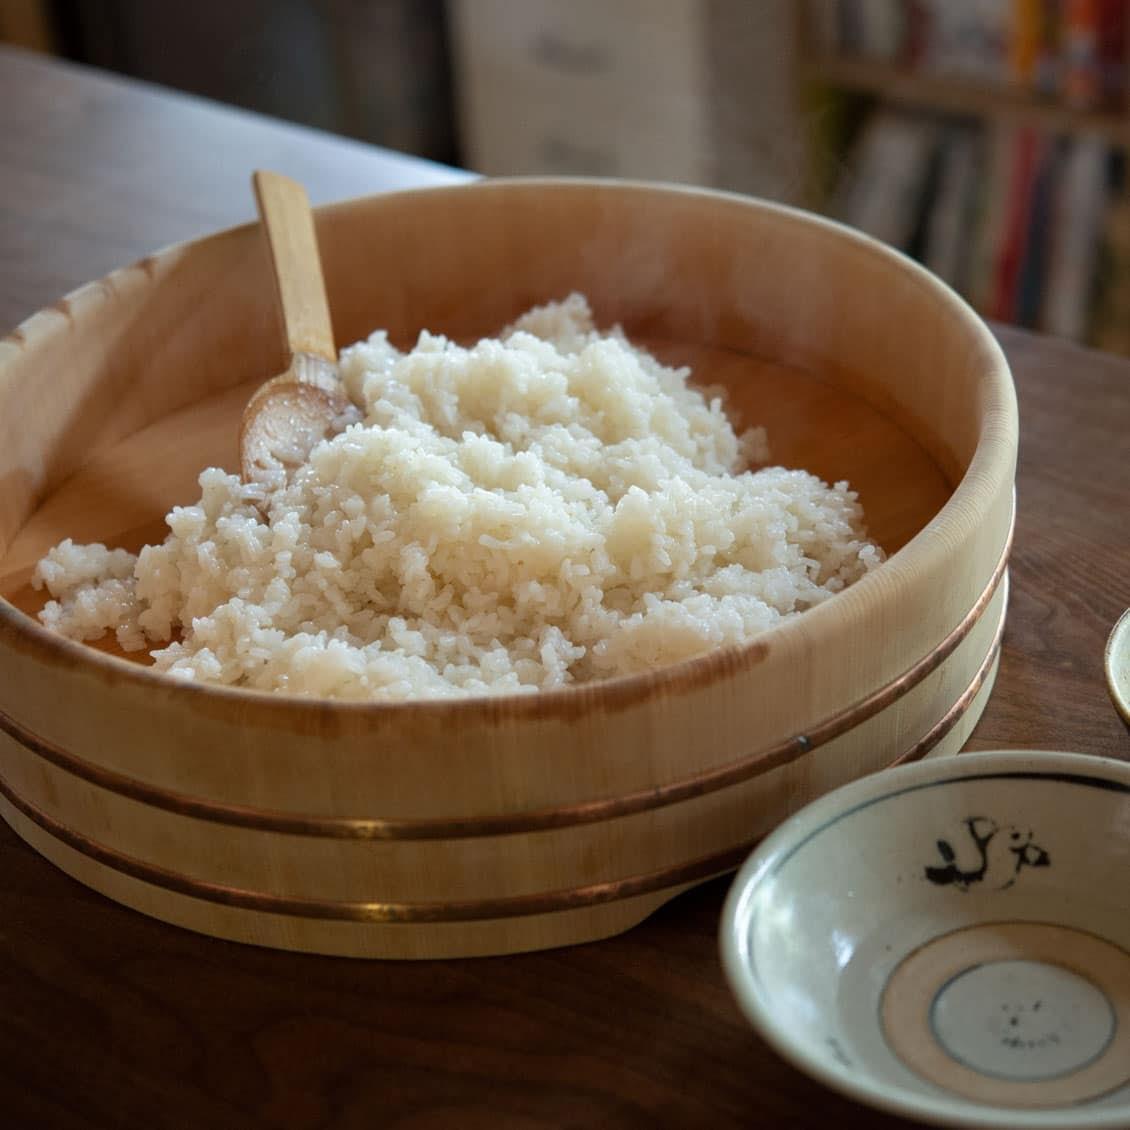 の 作り方 飯 酢